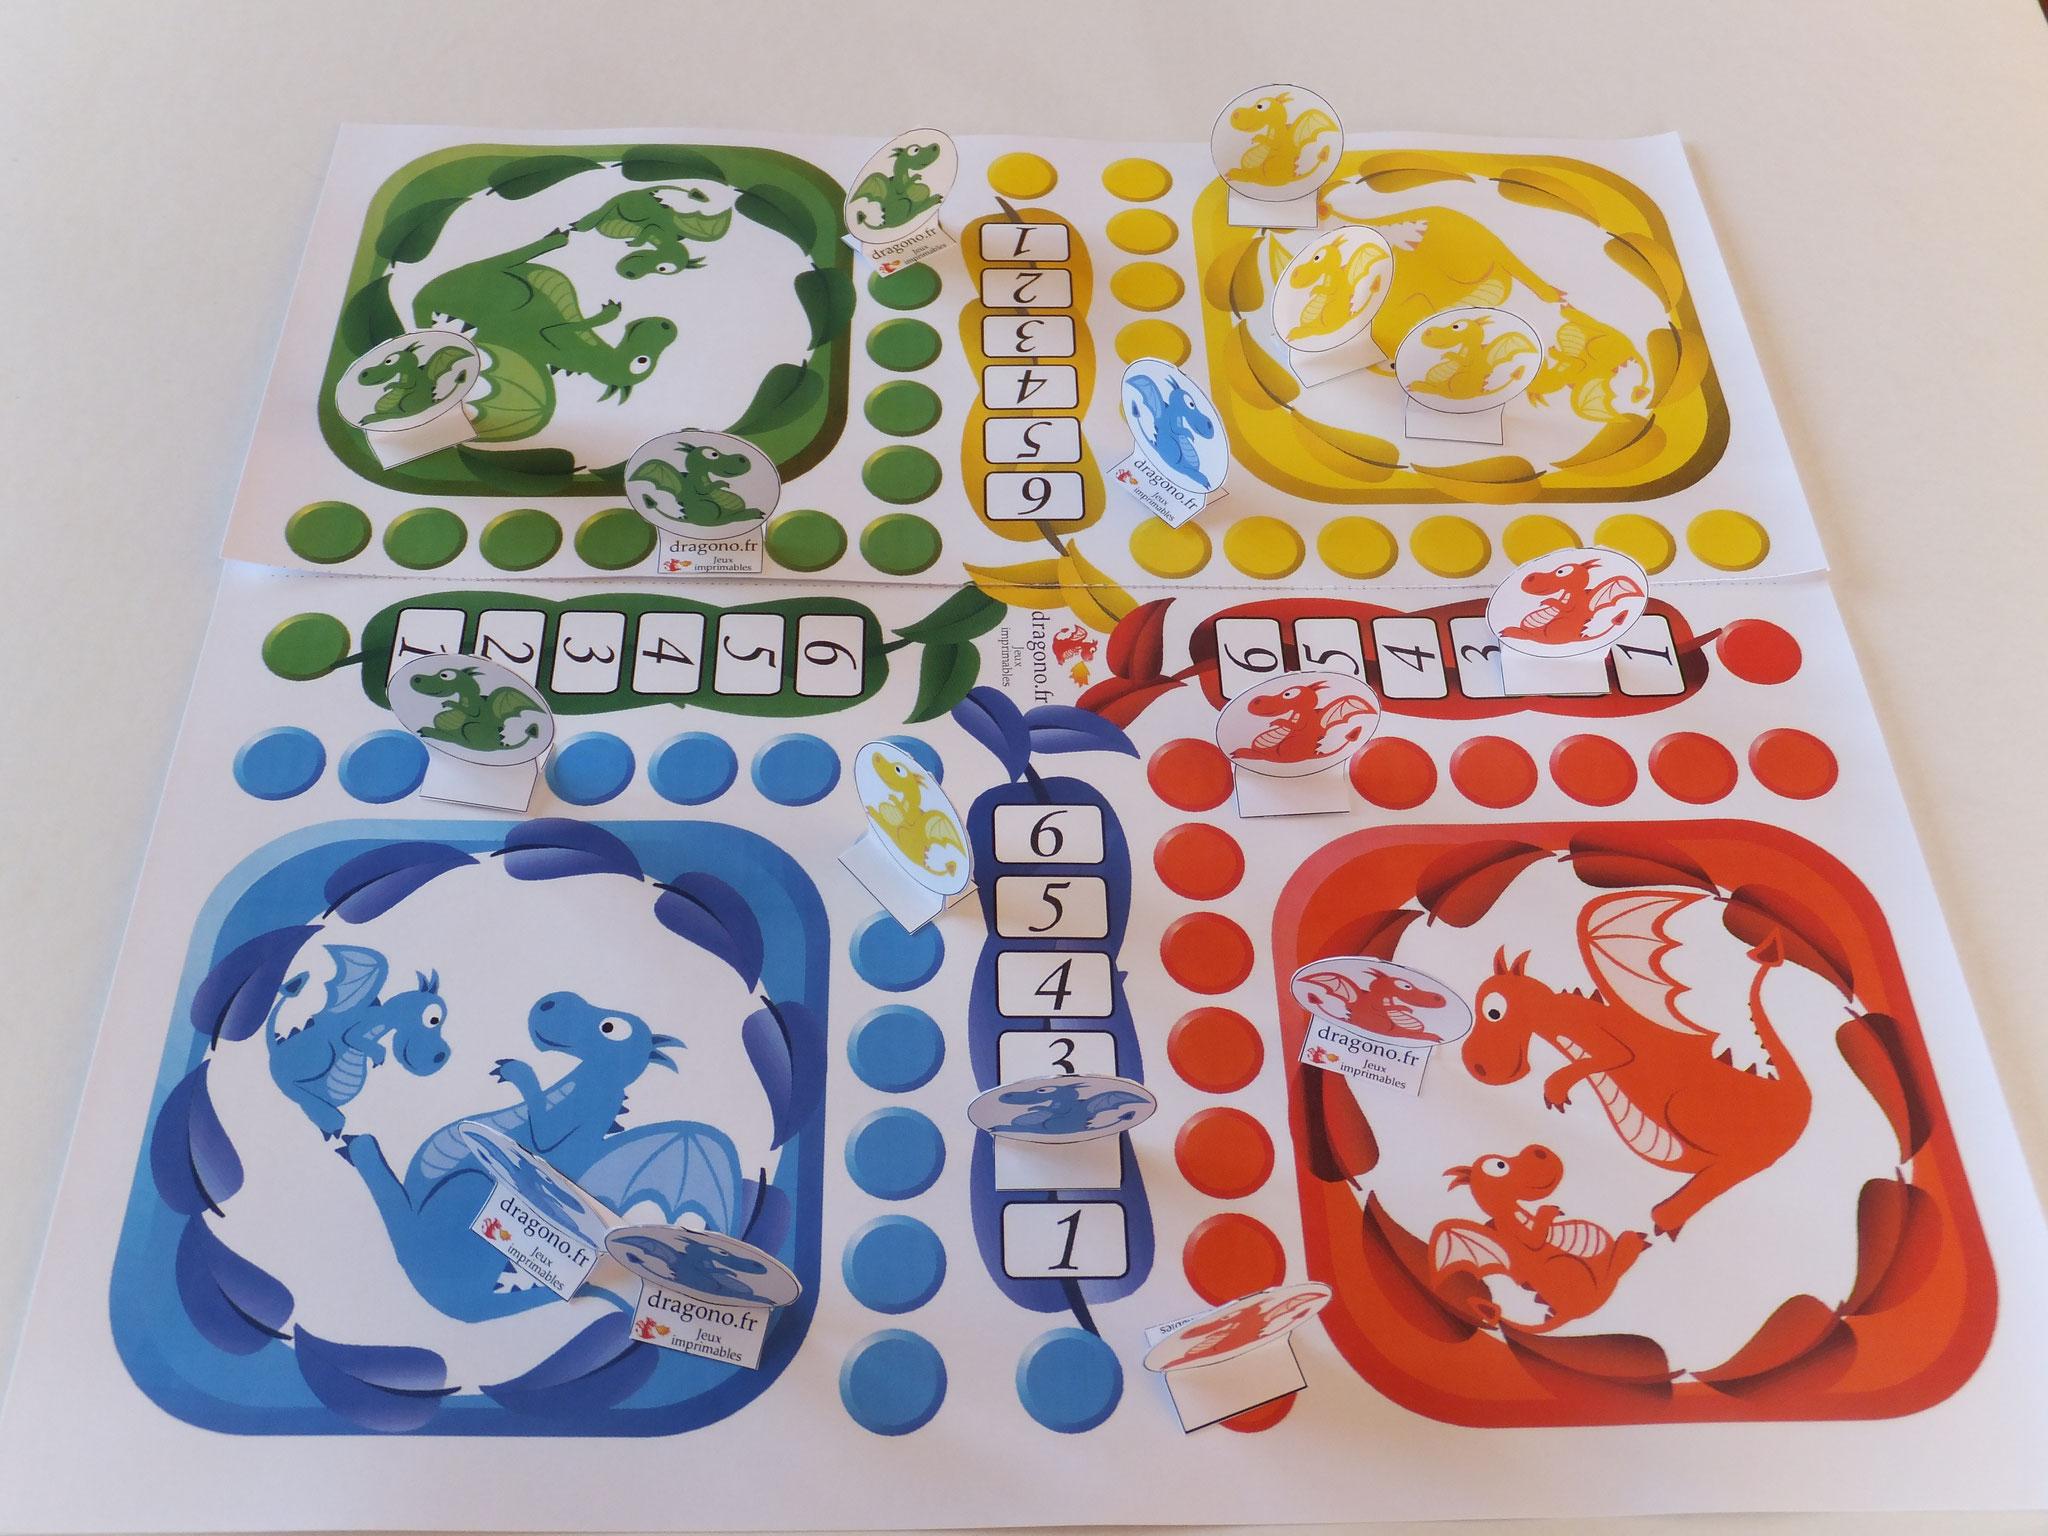 Jeux A Imprimer Pour Enfants, Famille, Ludiques, Éducatifs avec Jeux Gratuits Pour Enfants De 5 Ans